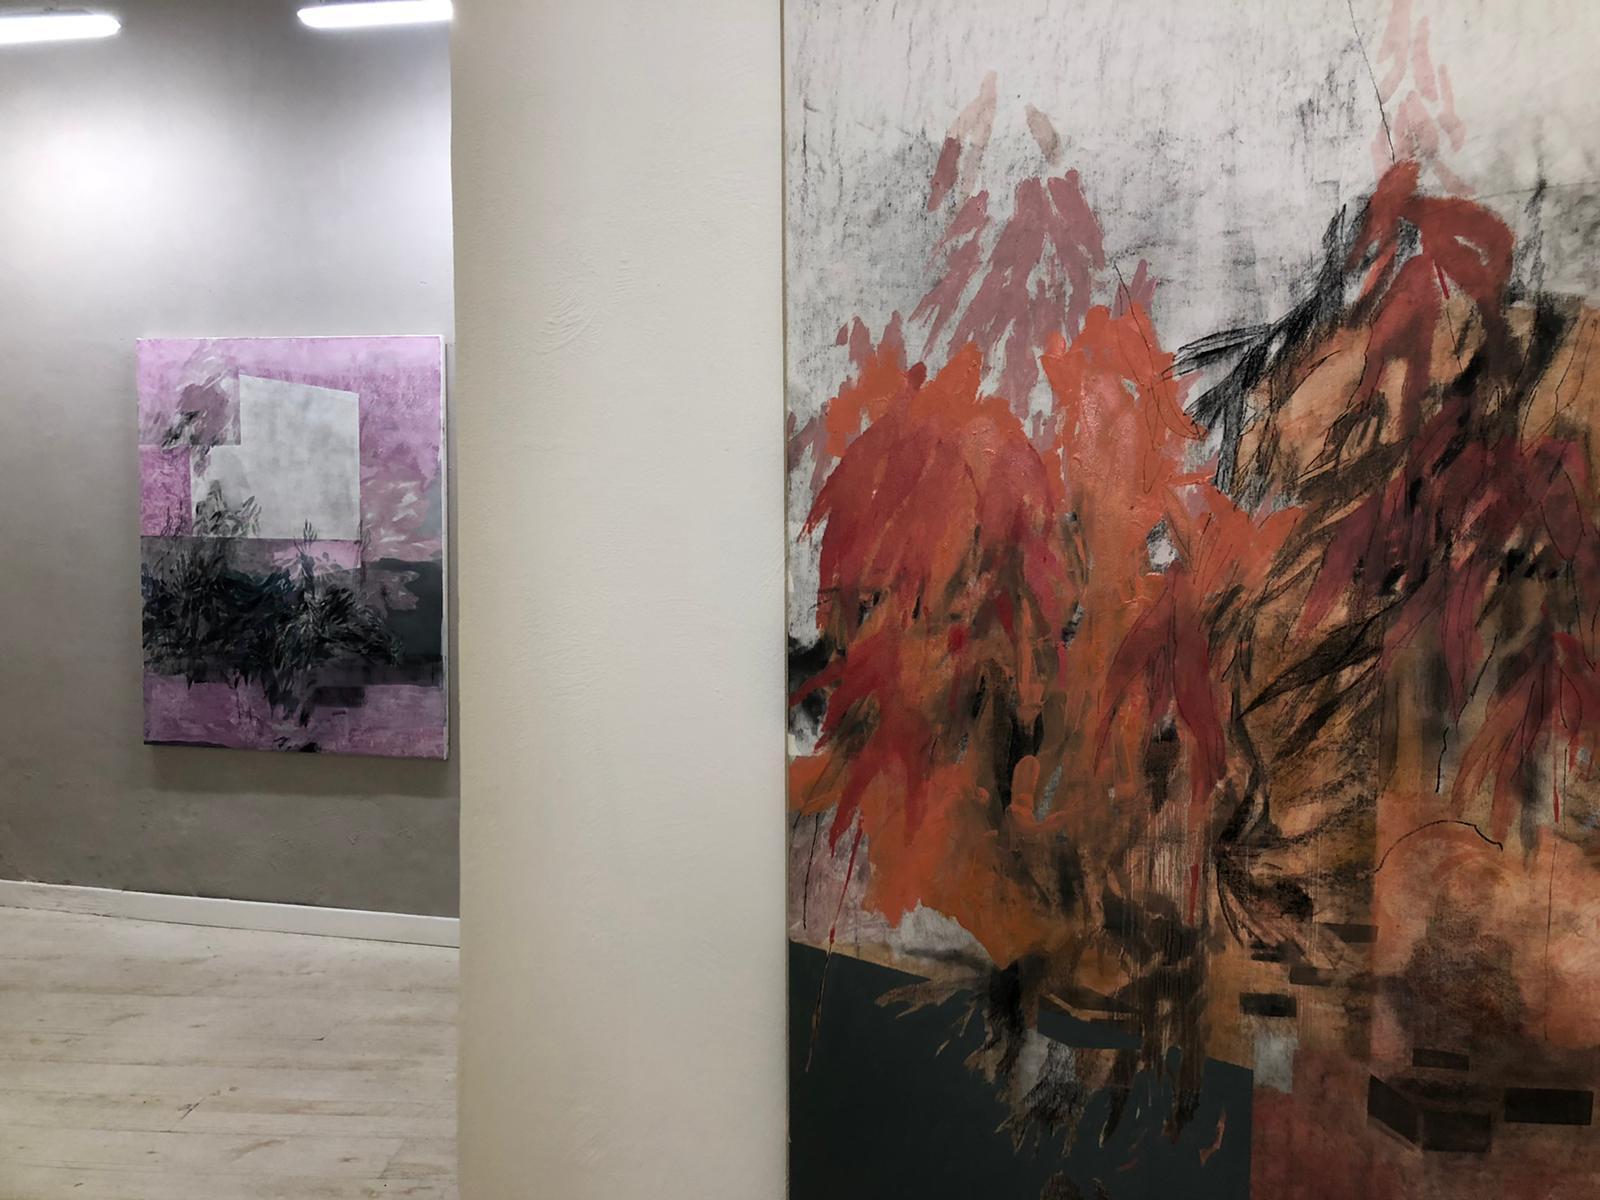 Segno e rarefazione cromatica. Gli orizzonti pittorici di Greta Pllana a Roma